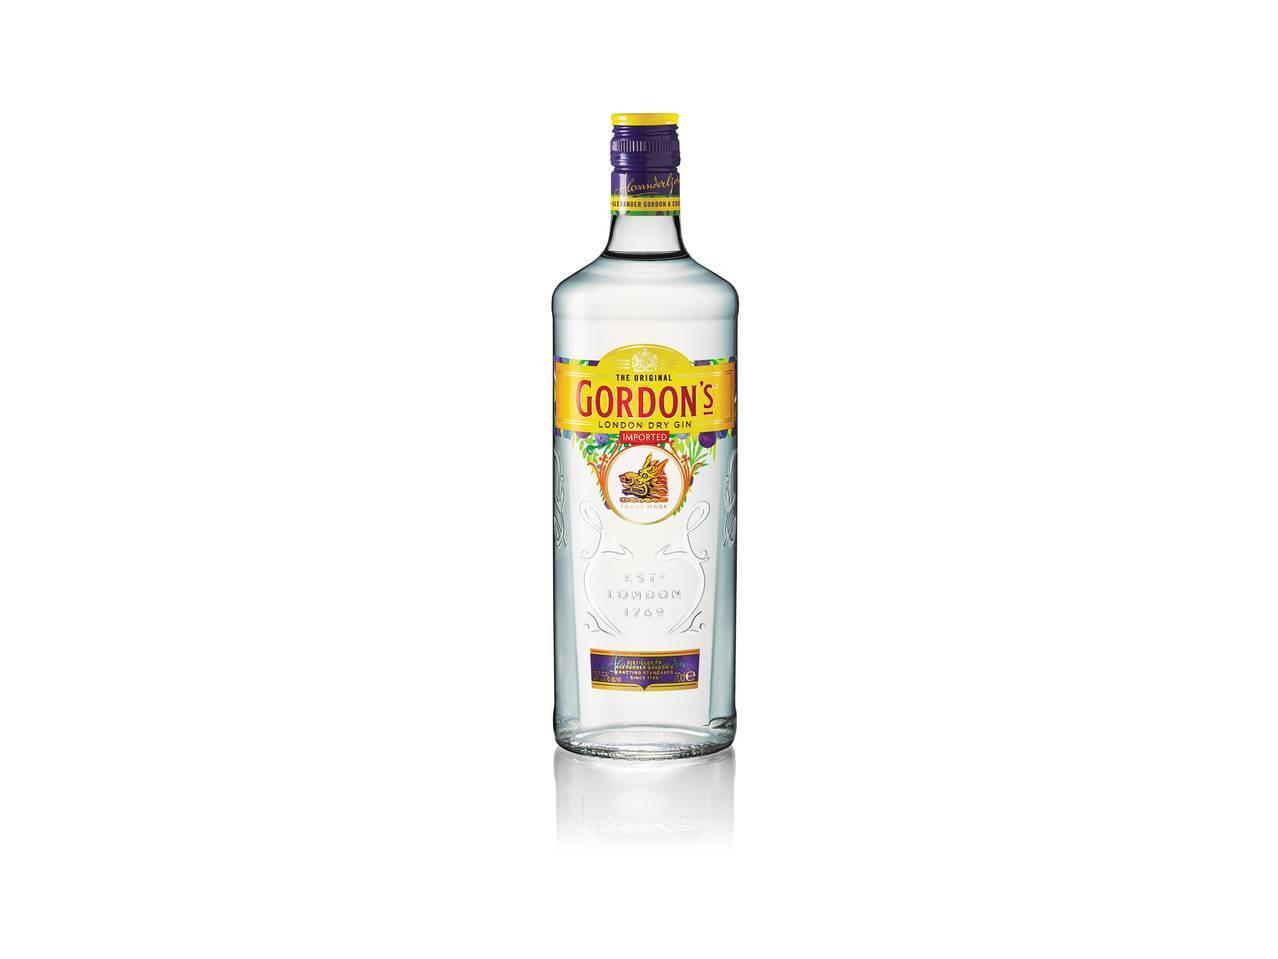 Джин gordons (гордонс) — история создания и характеристика напитка